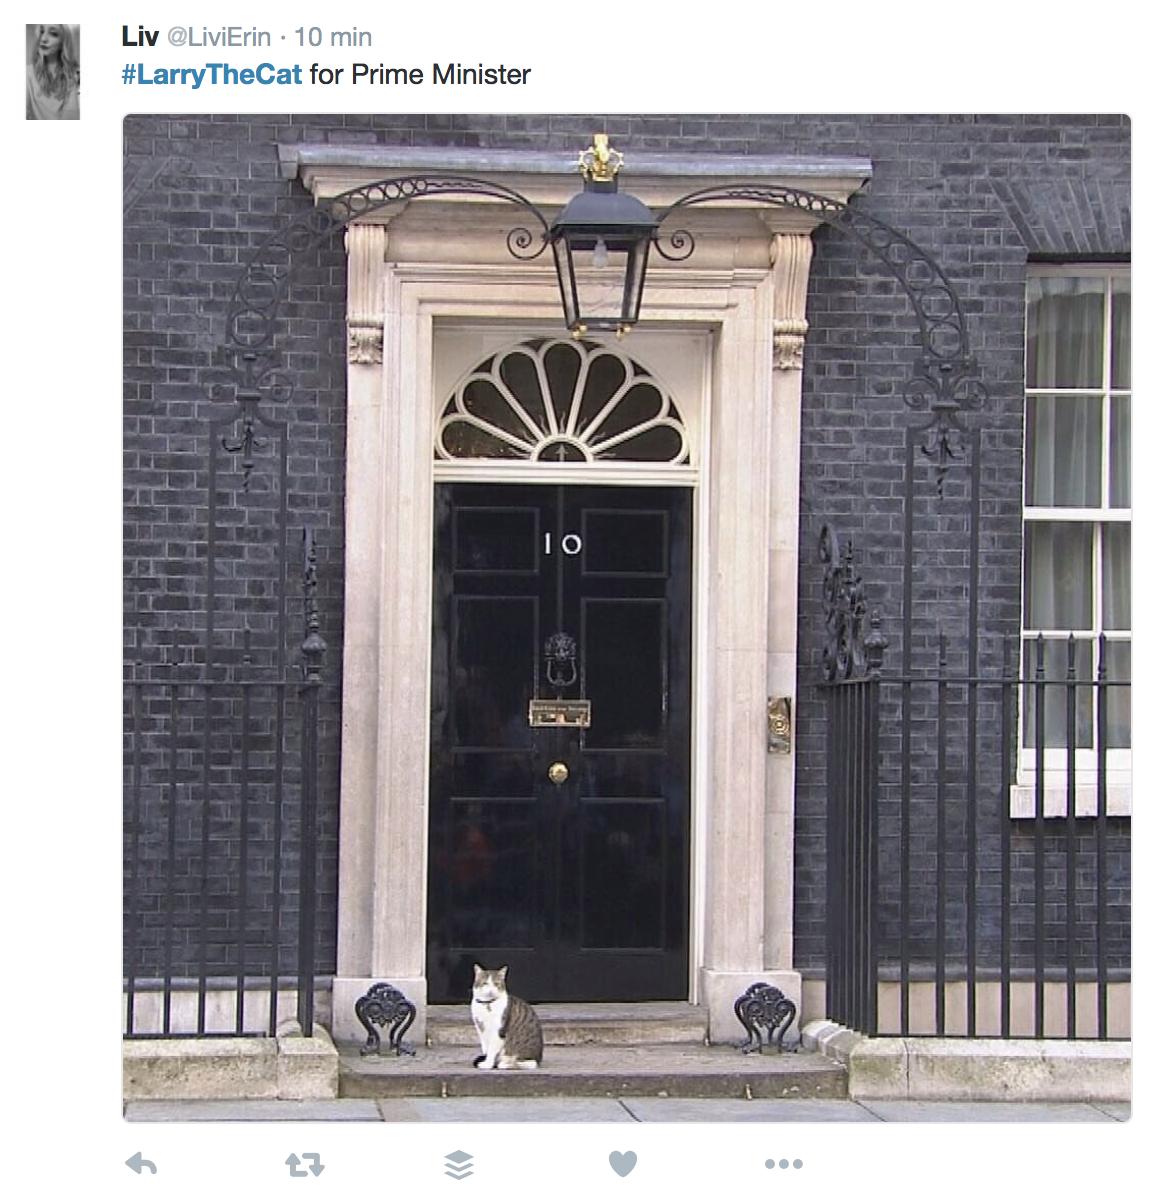 Tweet su Larry, il gatto di Gabinetto